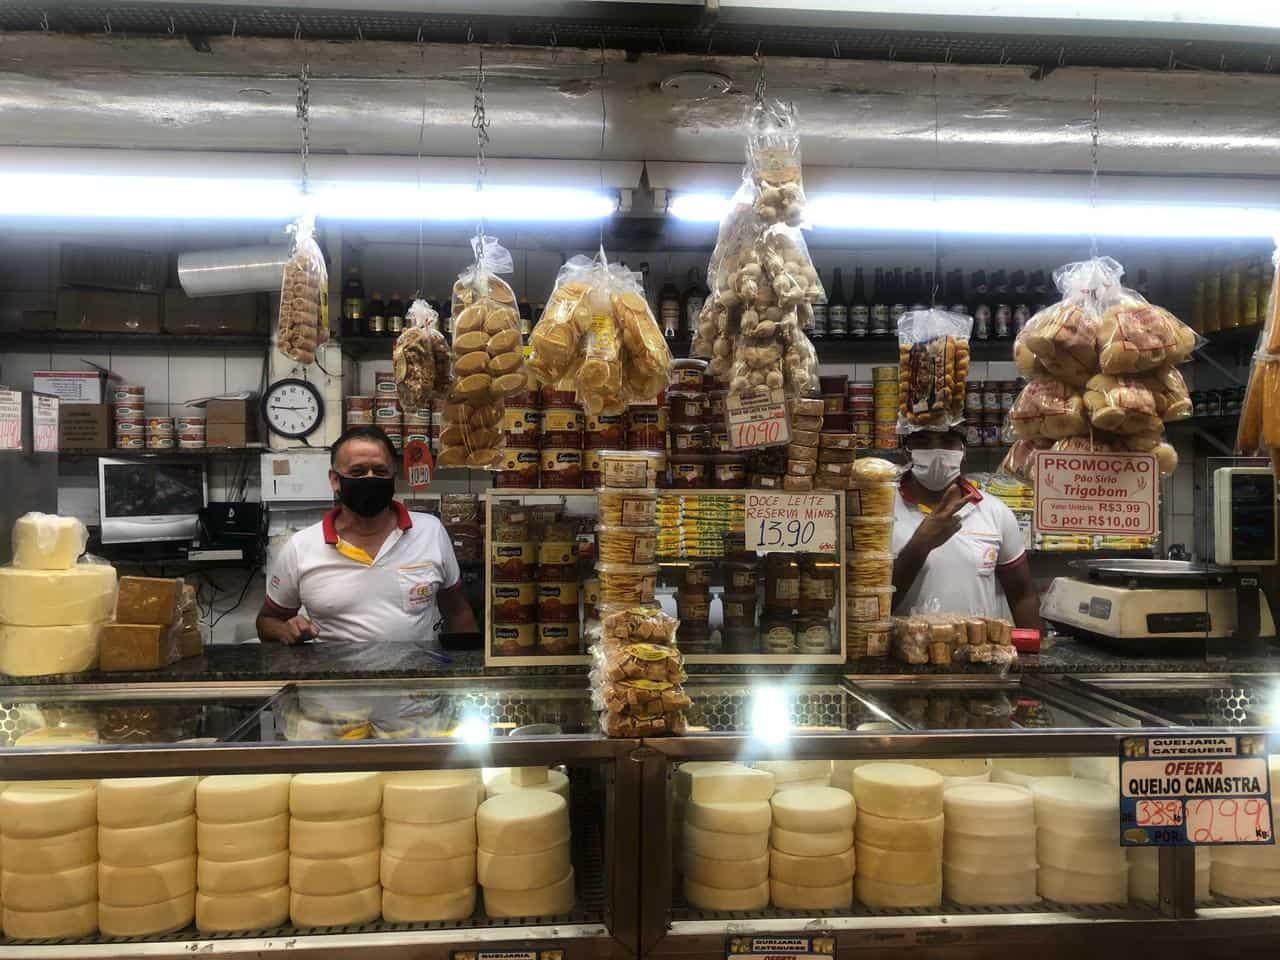 Atração imperdível em BH - Mercado Central de BH